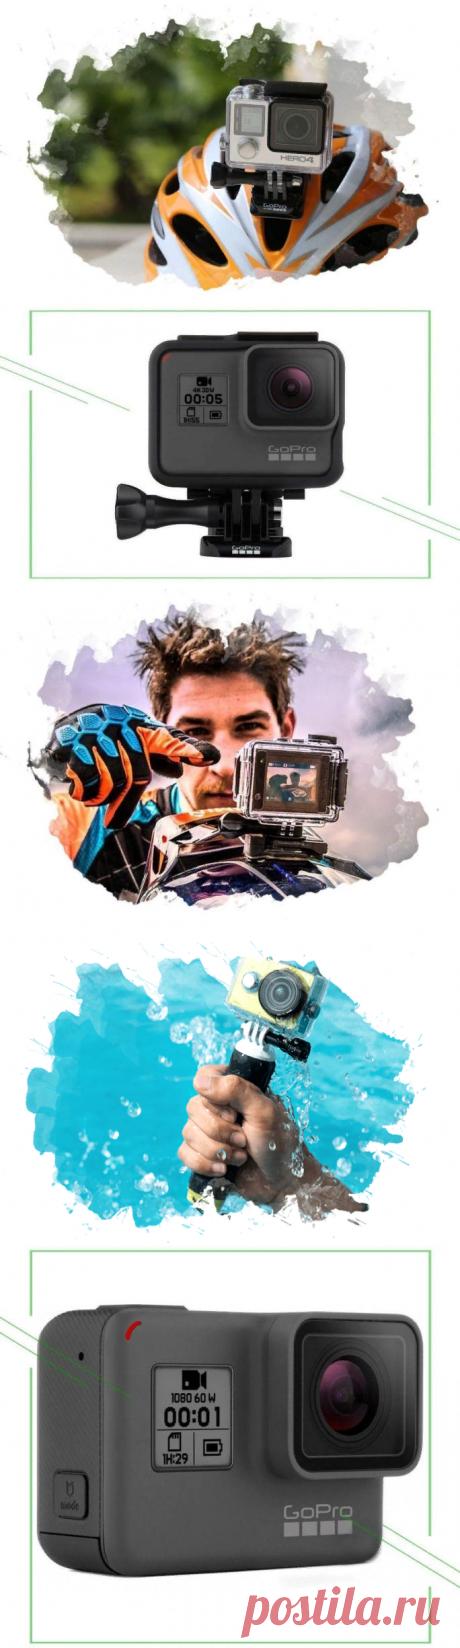 ТОП-5 лучших камер GoPro: как выбрать